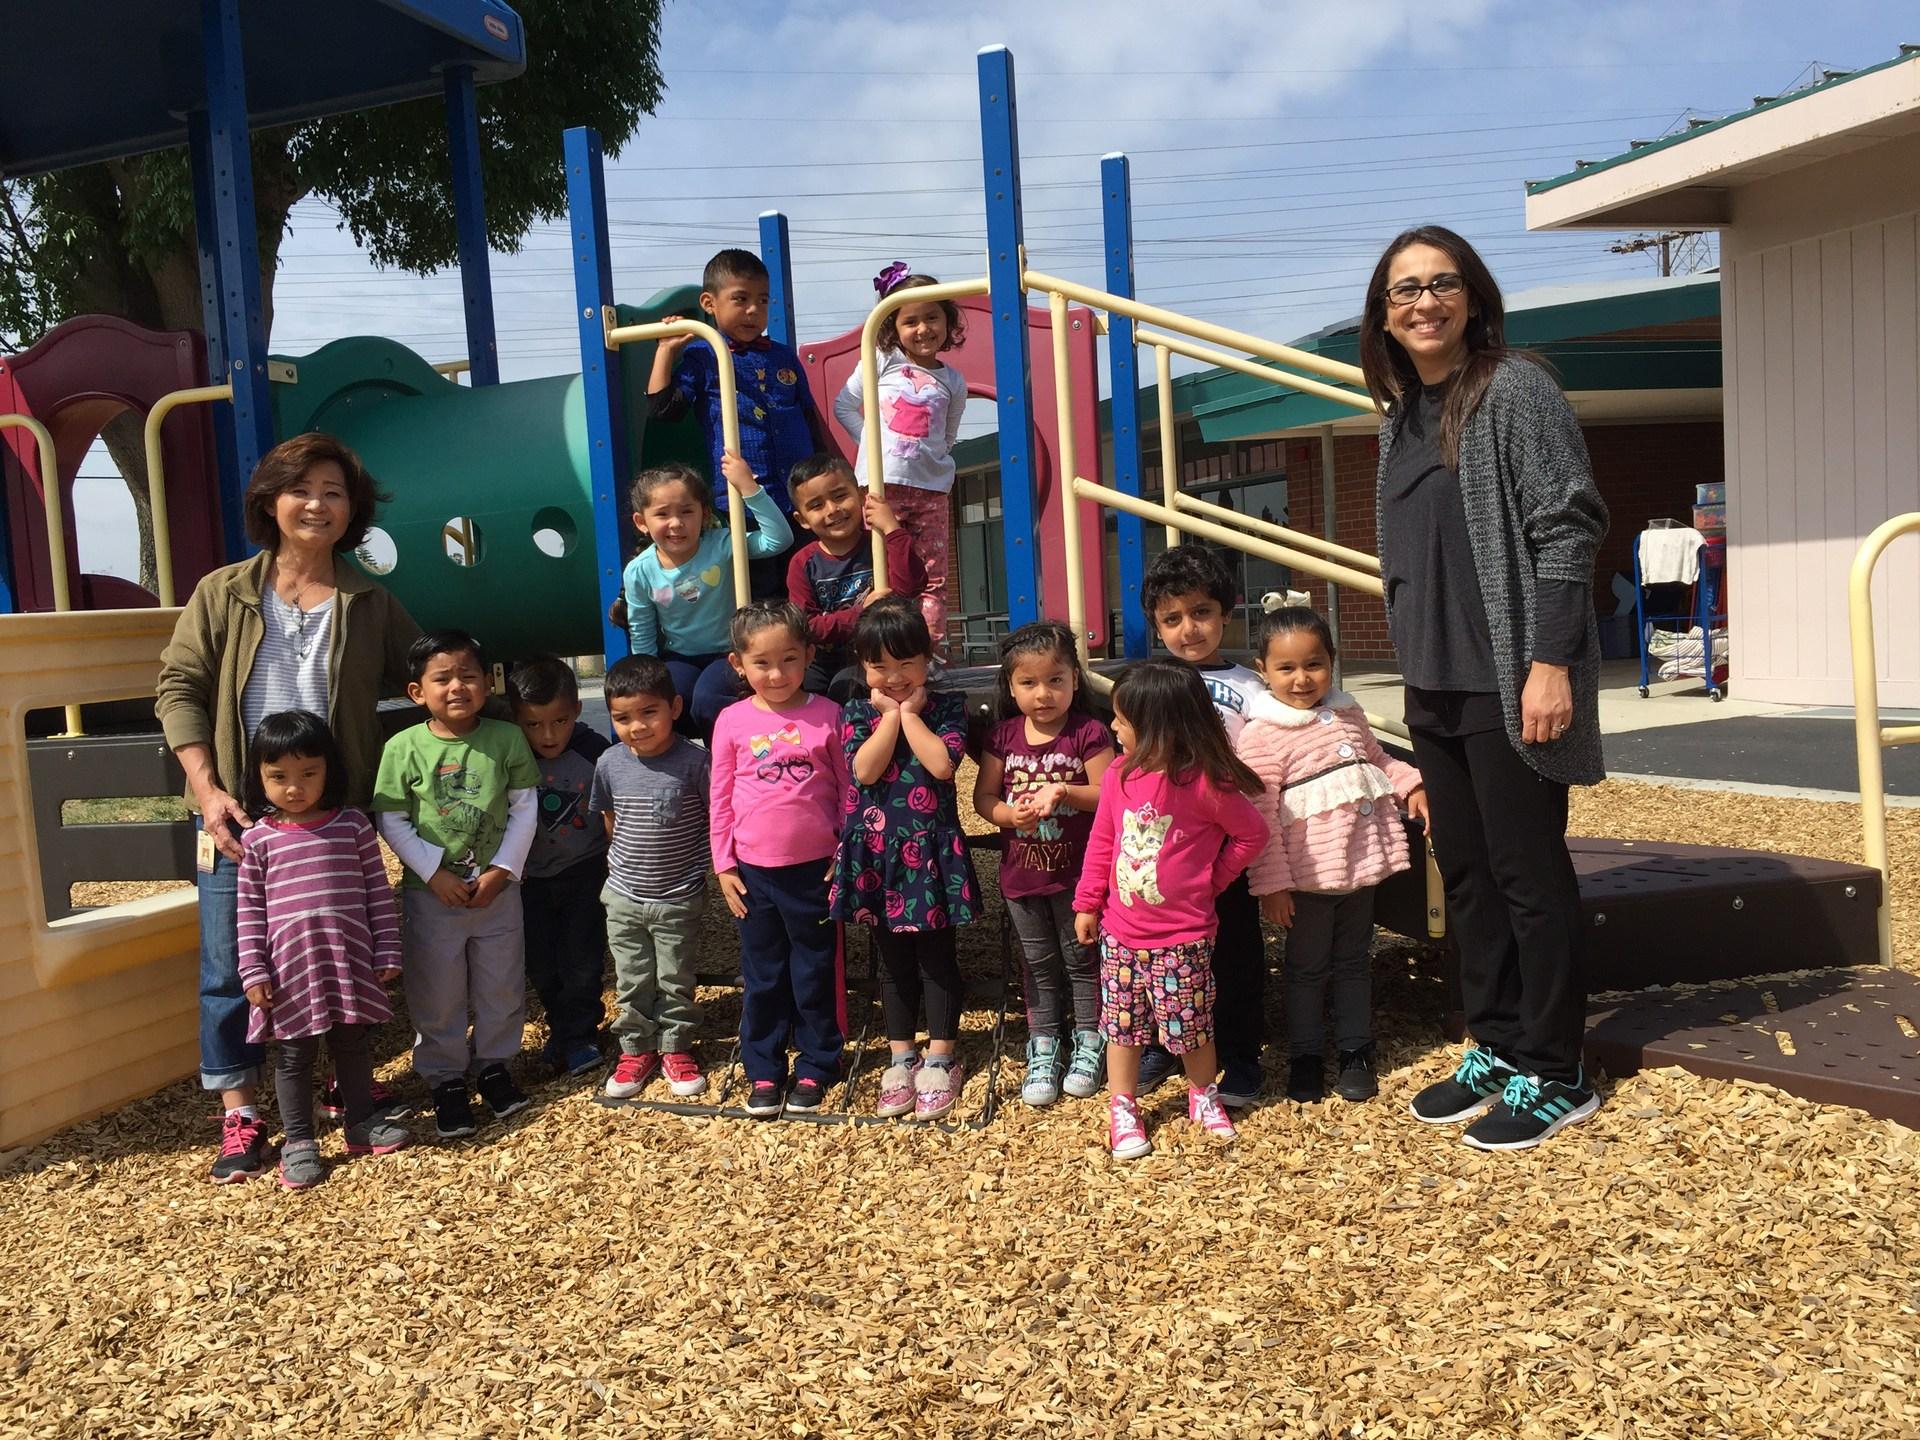 Mrs. Dunbar's Preschool